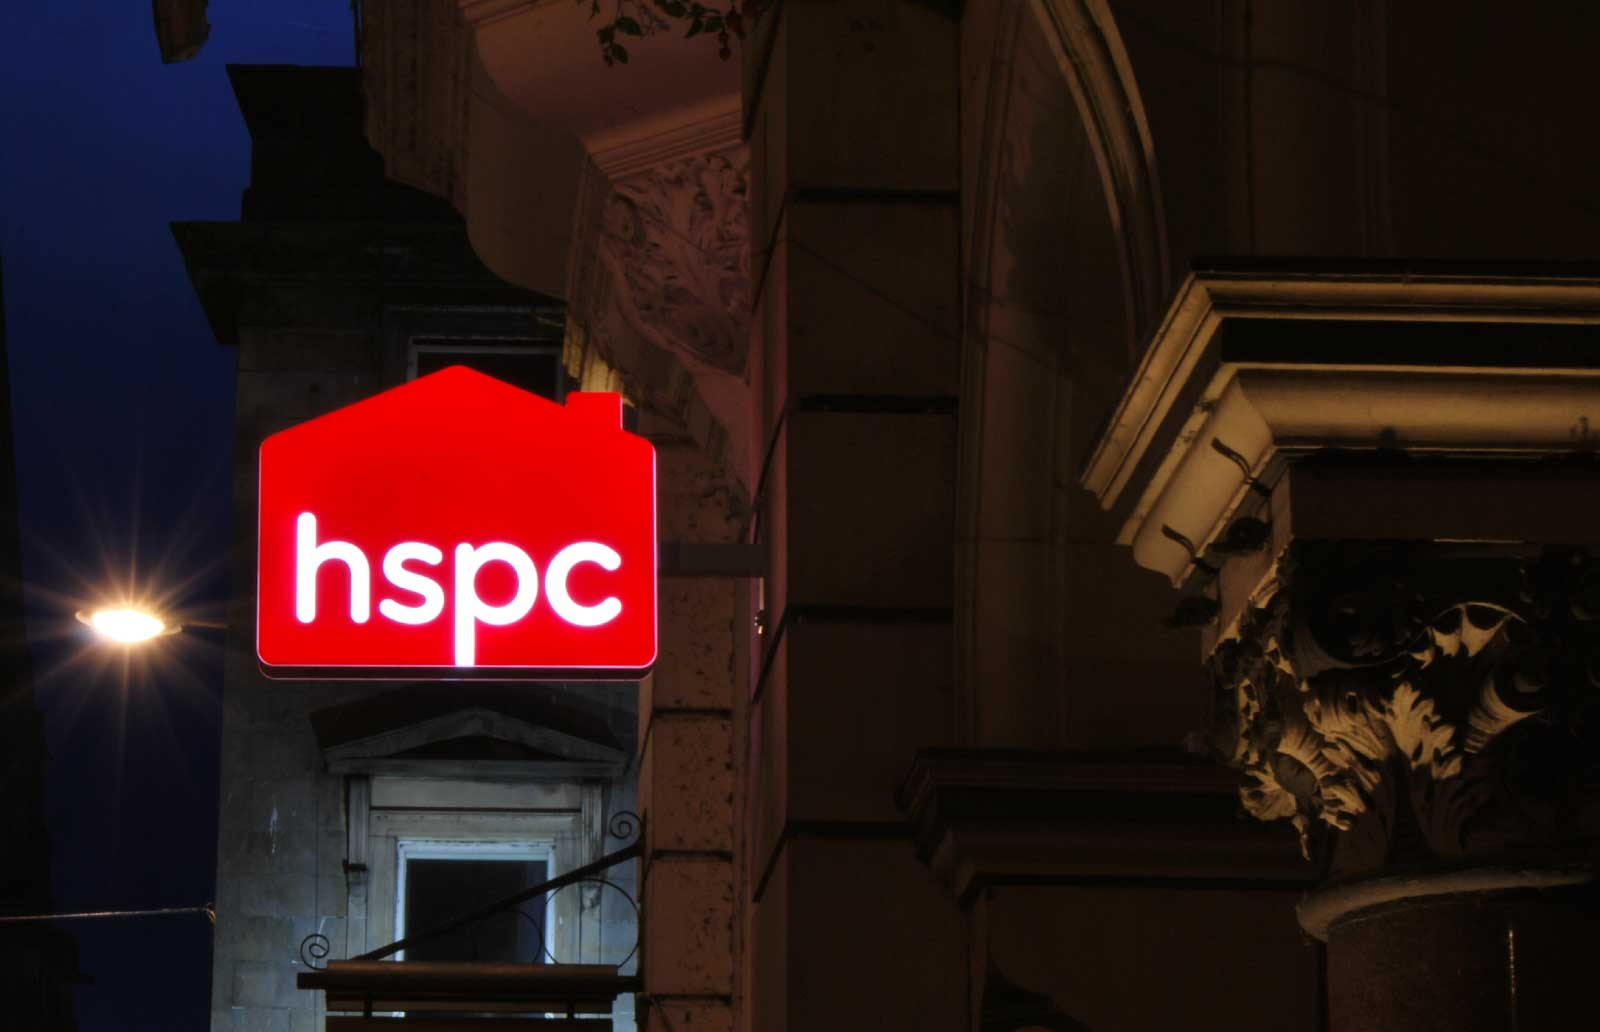 hspc sign